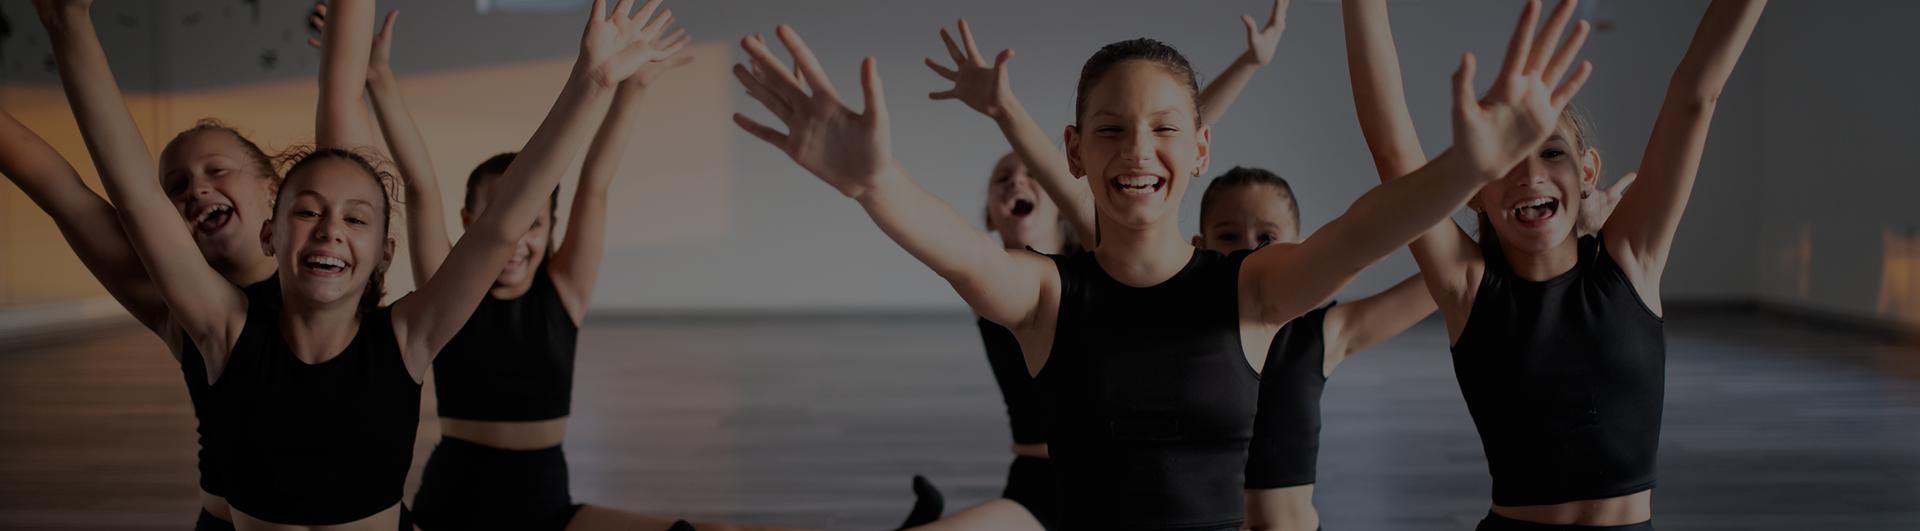 isabella proietti responsabile zero9 note danza e istruttrice danza moderna